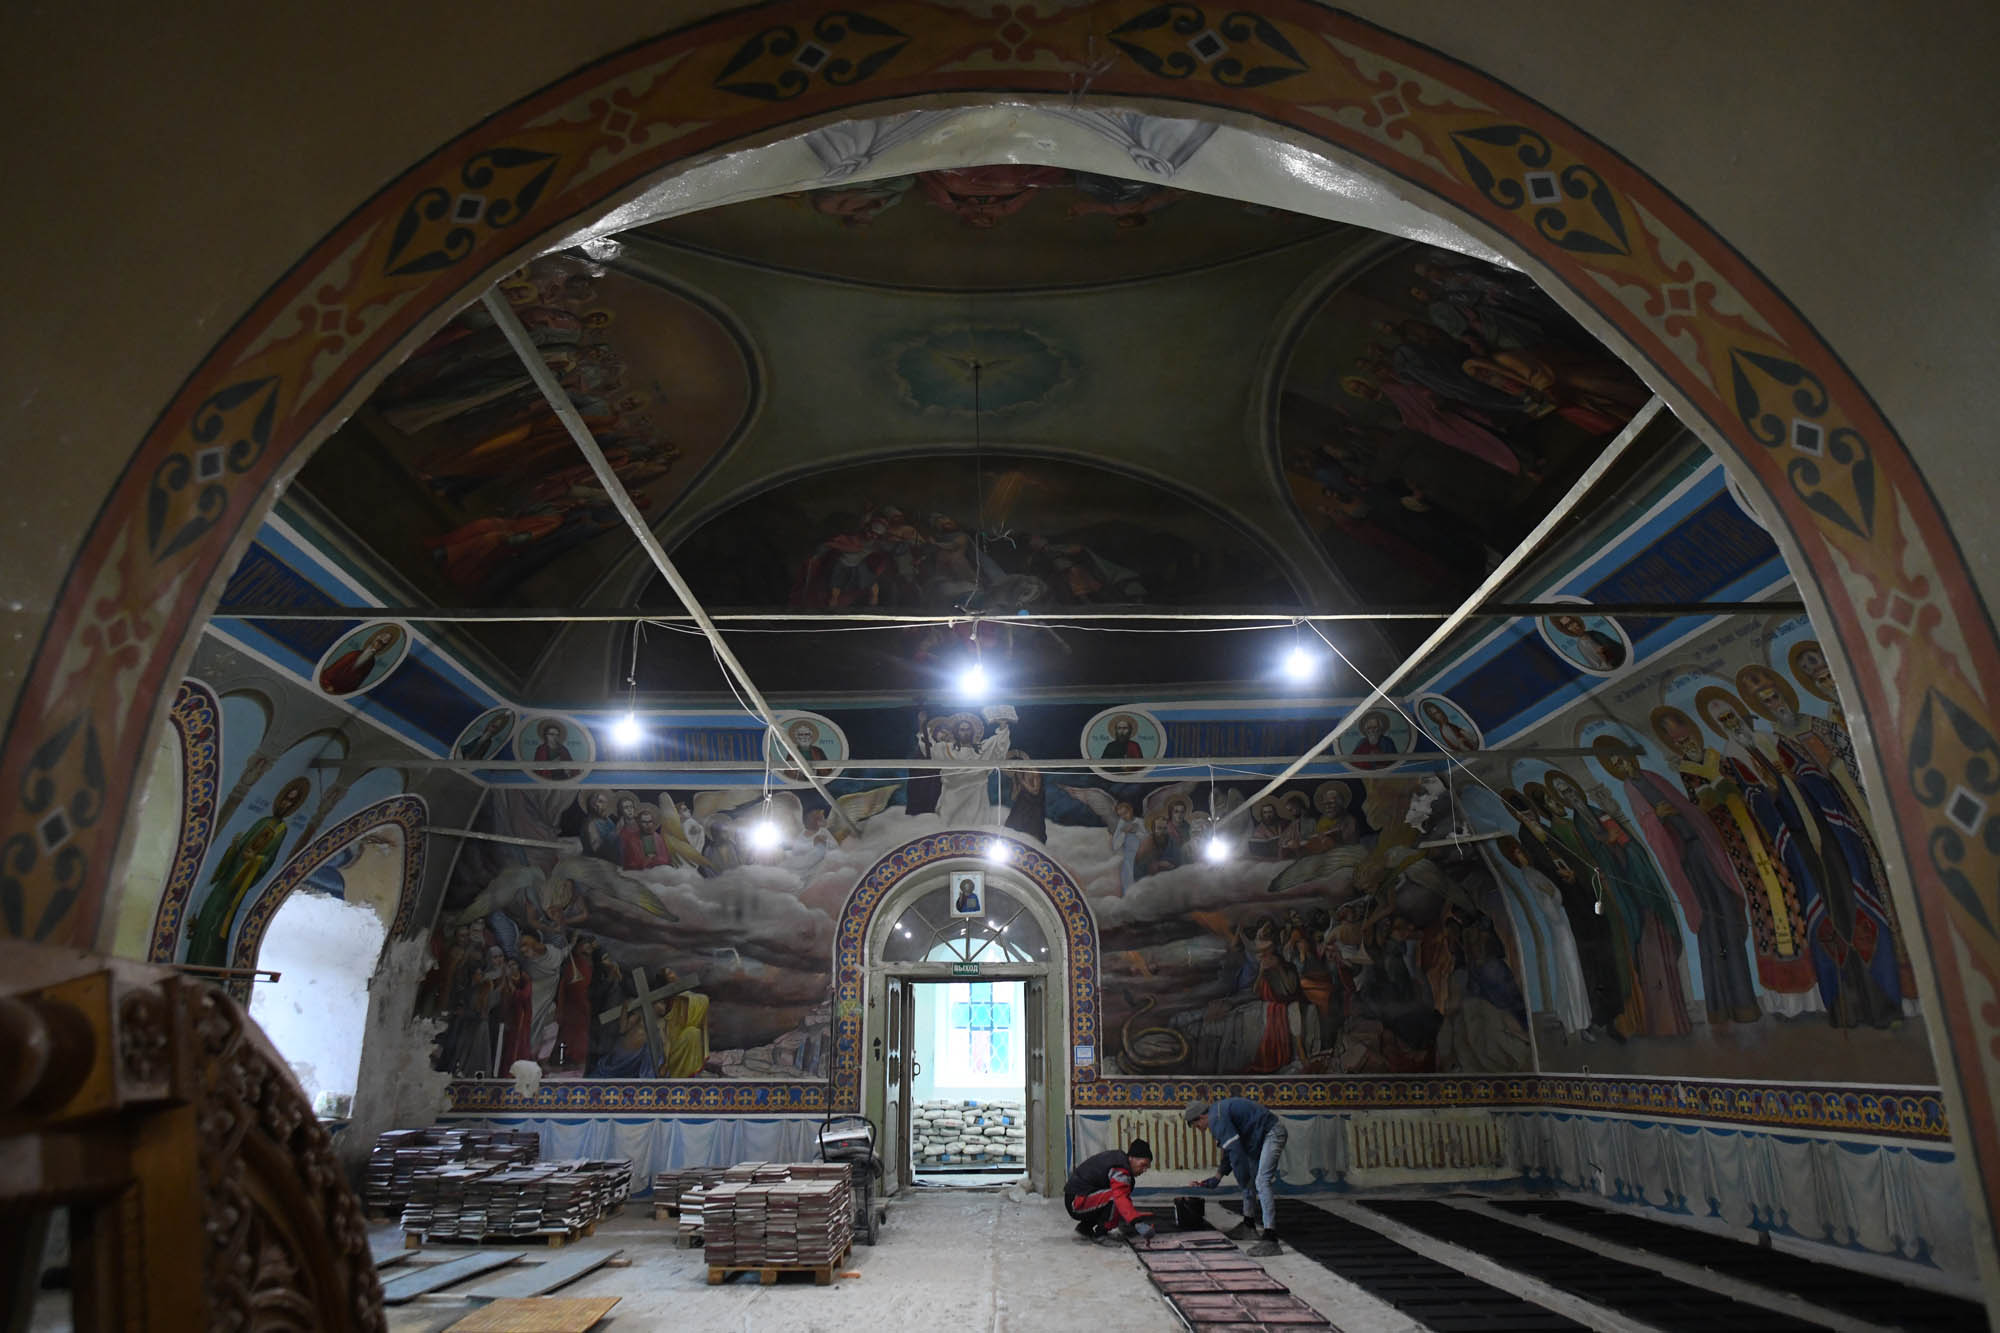 Сейчас в нижнем храме ведутся основные ремонтные работы, и следы советского времени постепенно стираются, что позволяет увидеть уникальные элементы, которые в течение многих лет были скрыты от глаз священнослужителей и прихожан.